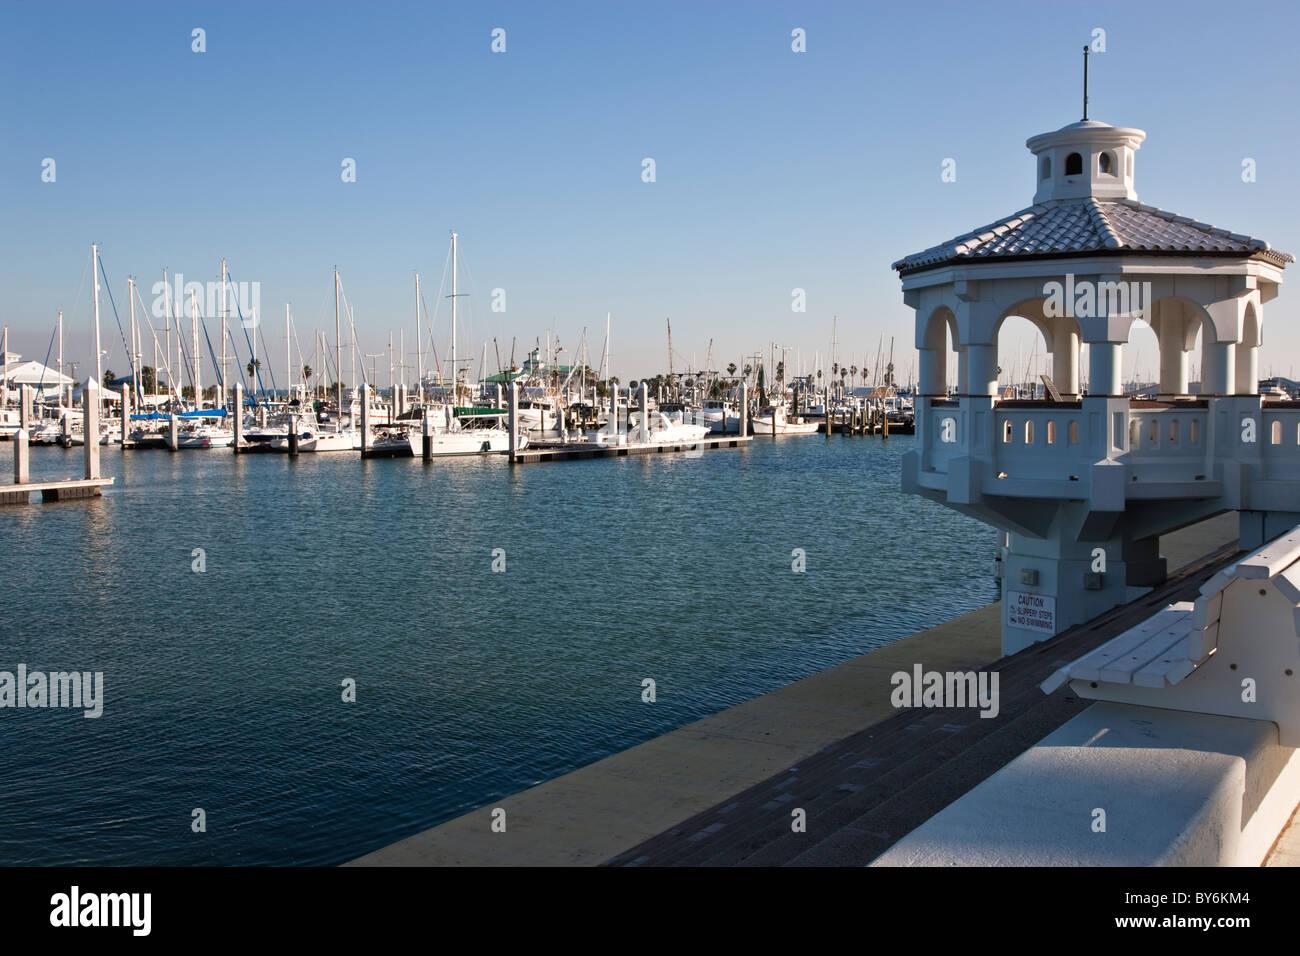 Municipal Marina, Corpus Christi Bay. - Stock Image